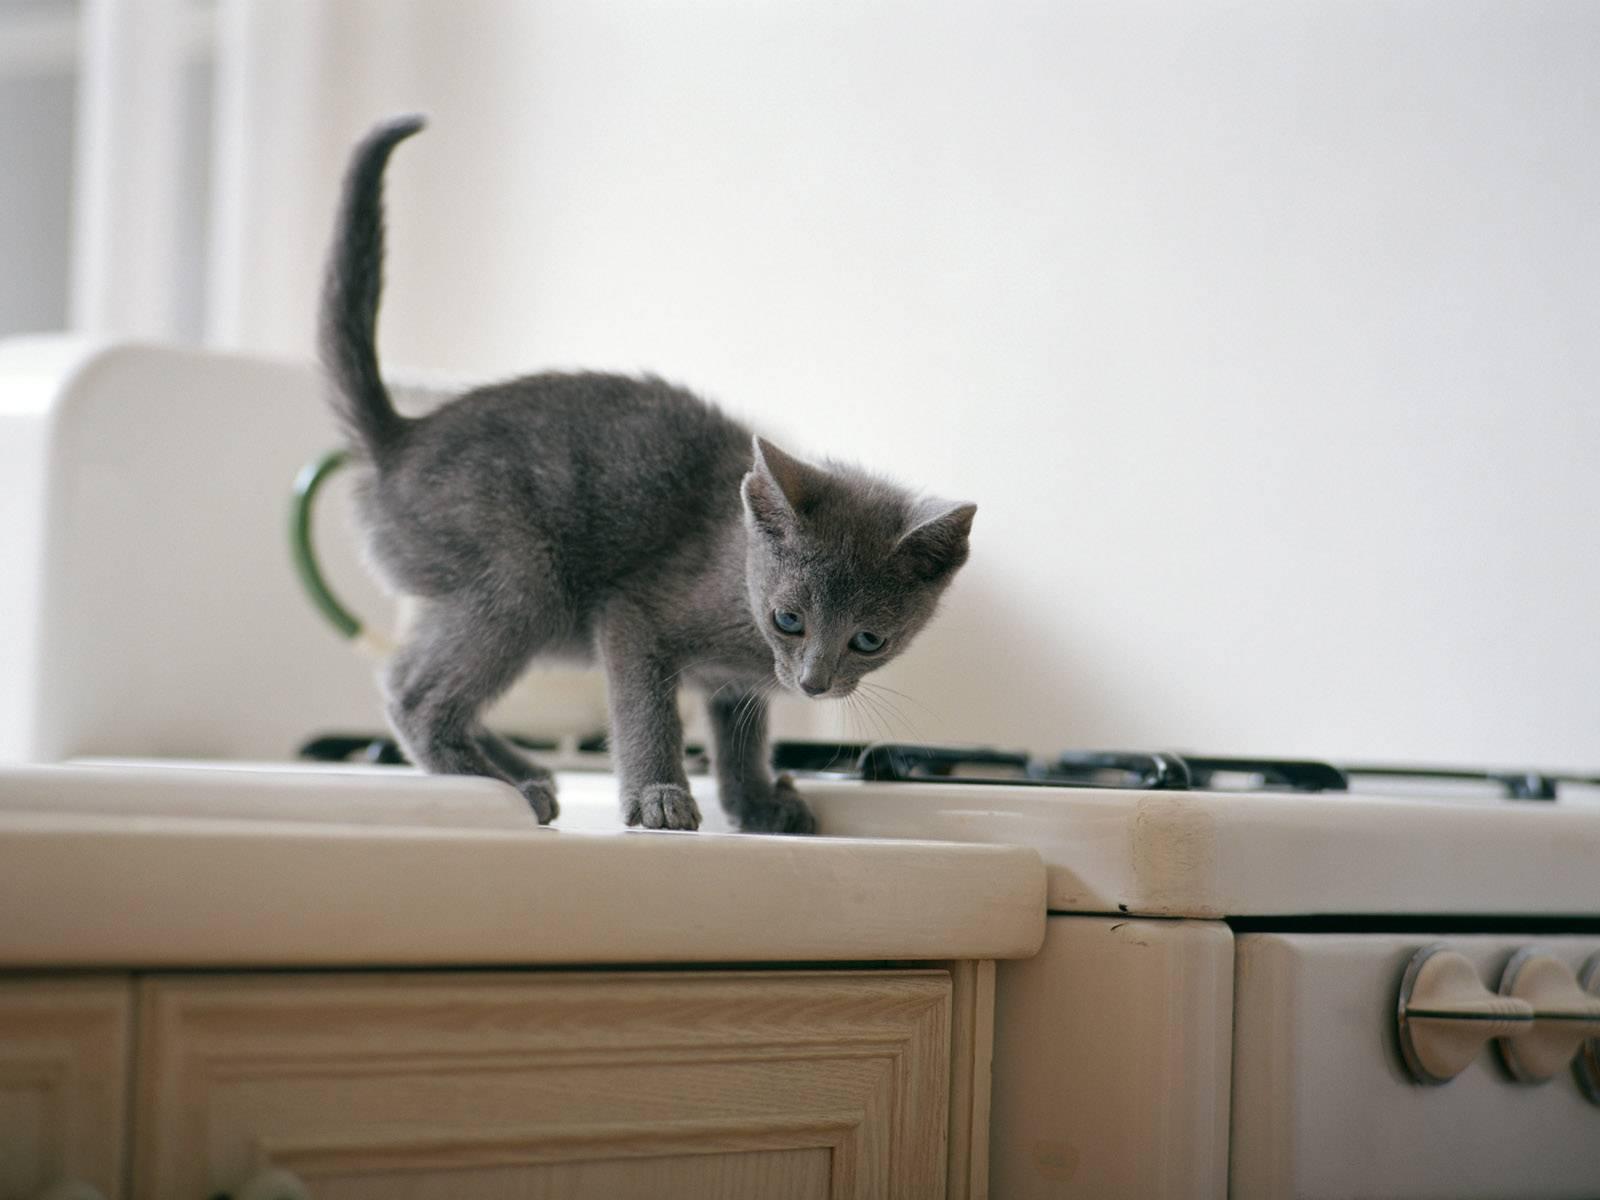 Как отучить кота лазить по столам? можно ли отучить кота лазить по столам?